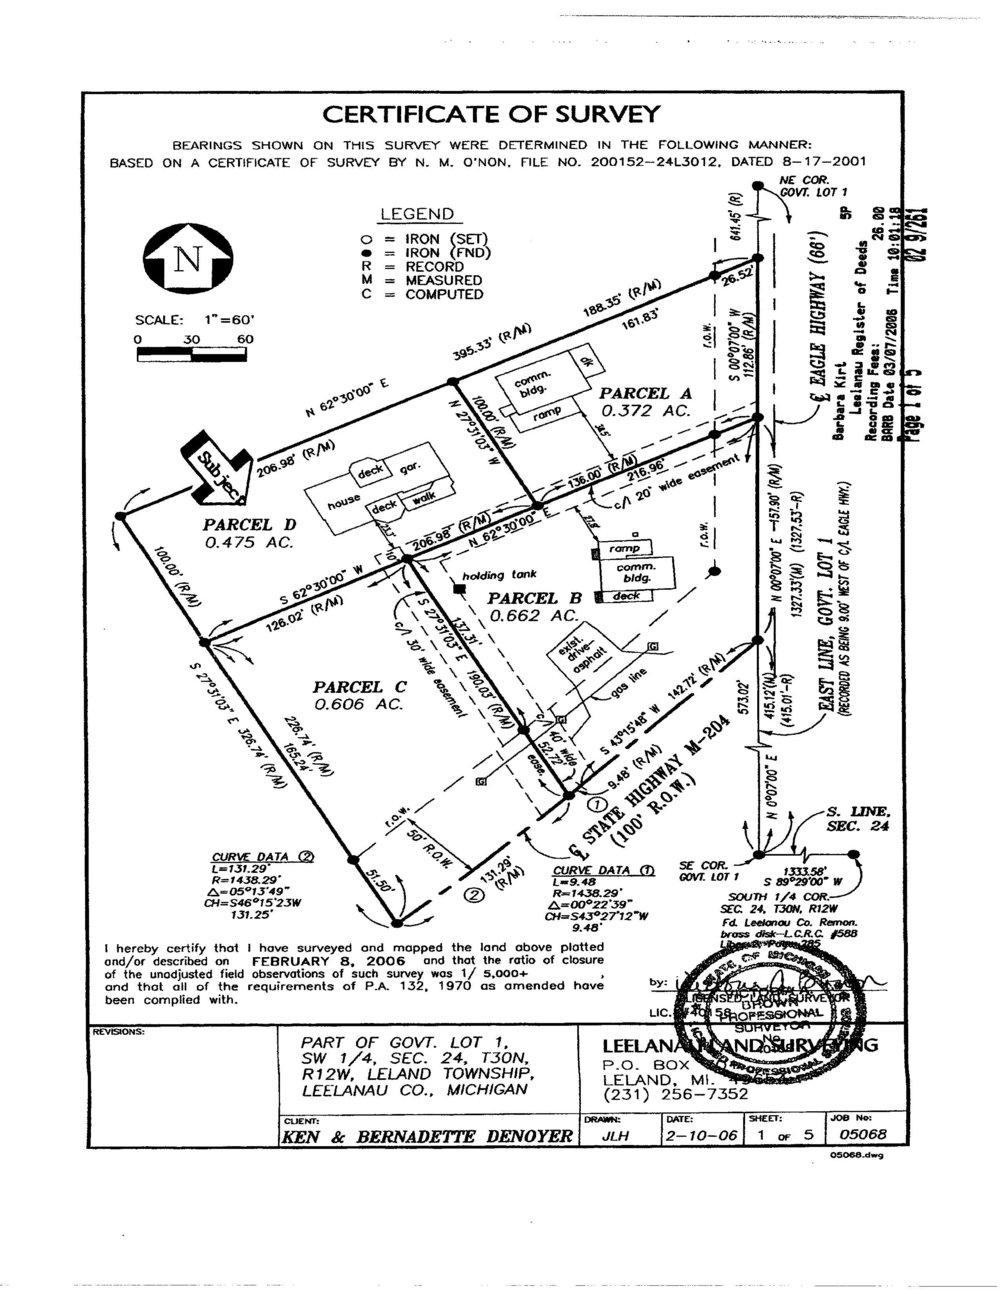 45 N Eagle Highway, Lake Leelanau, Real Estate For Sale by Oltersdorf Realty - Marketing Packet (7).jpg